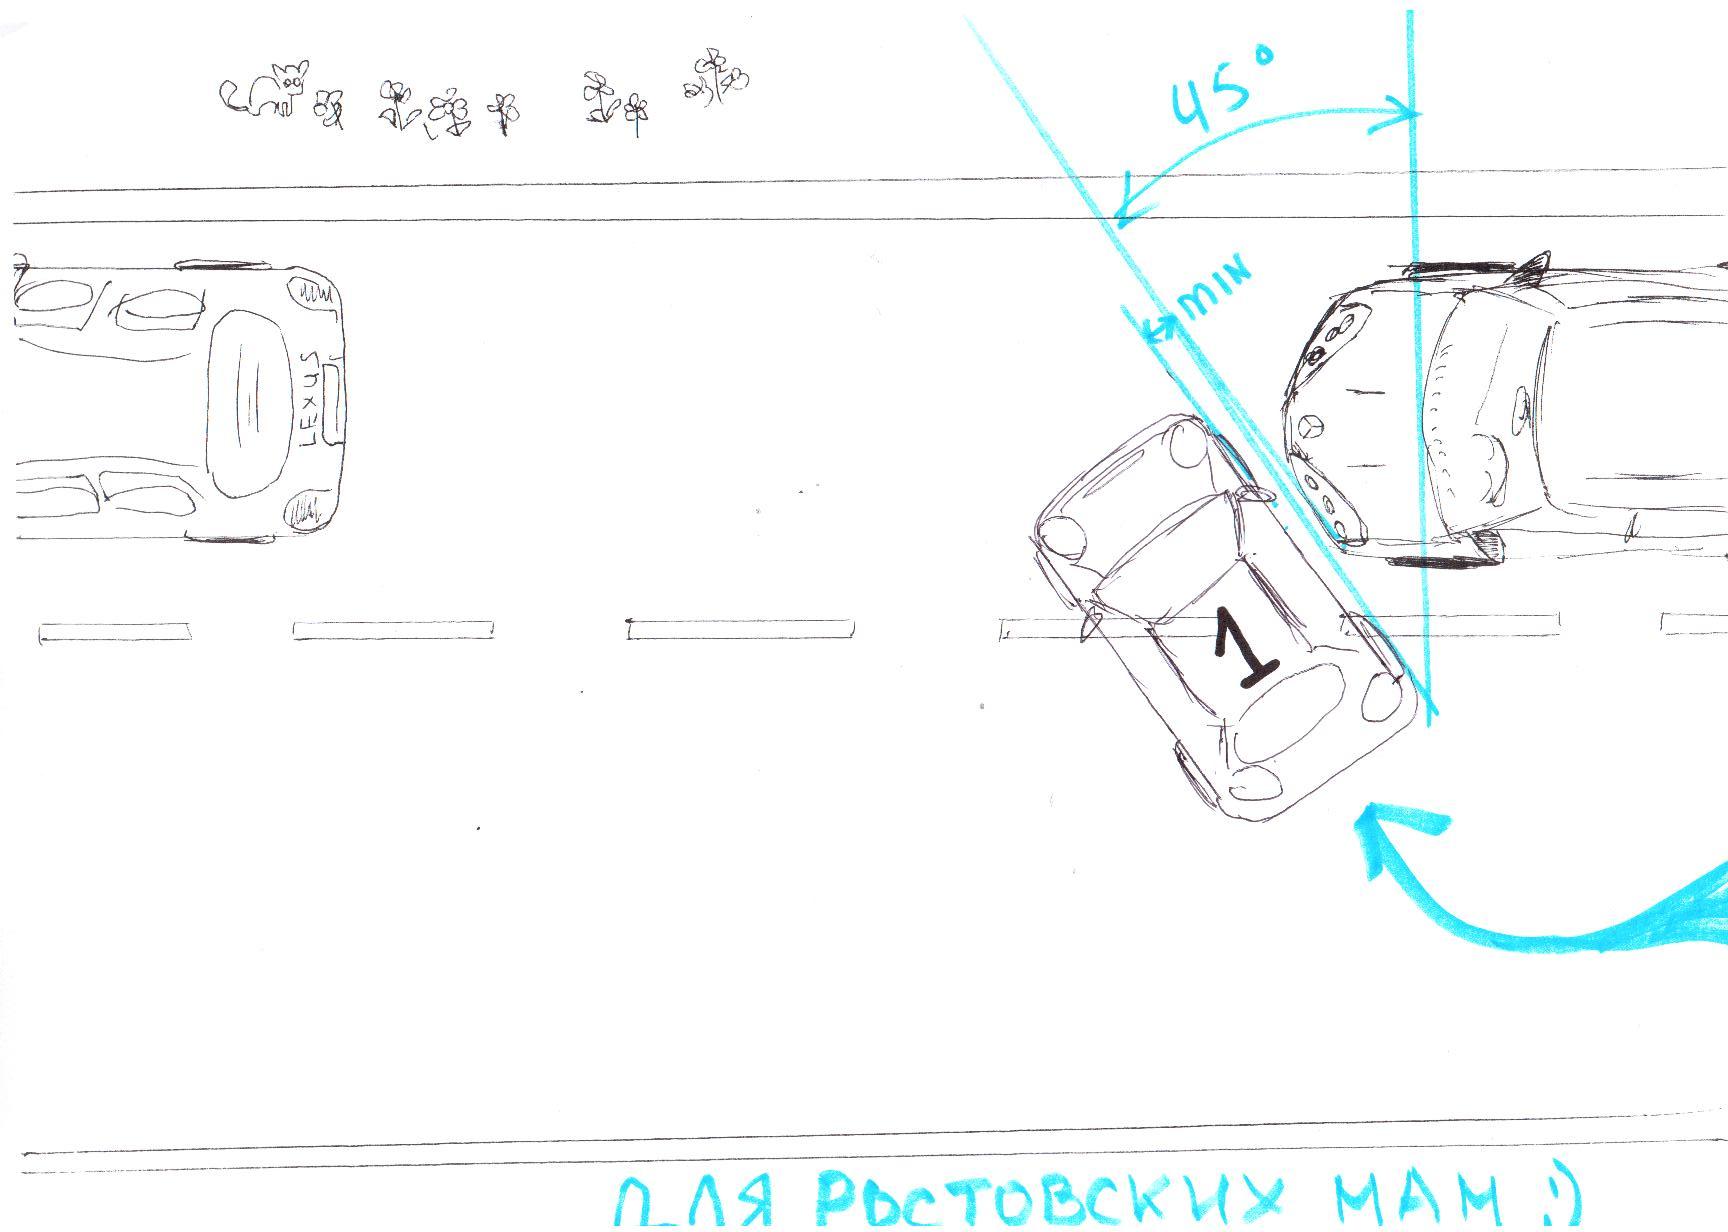 Парковка задним ходом между двумя автомобилями схема